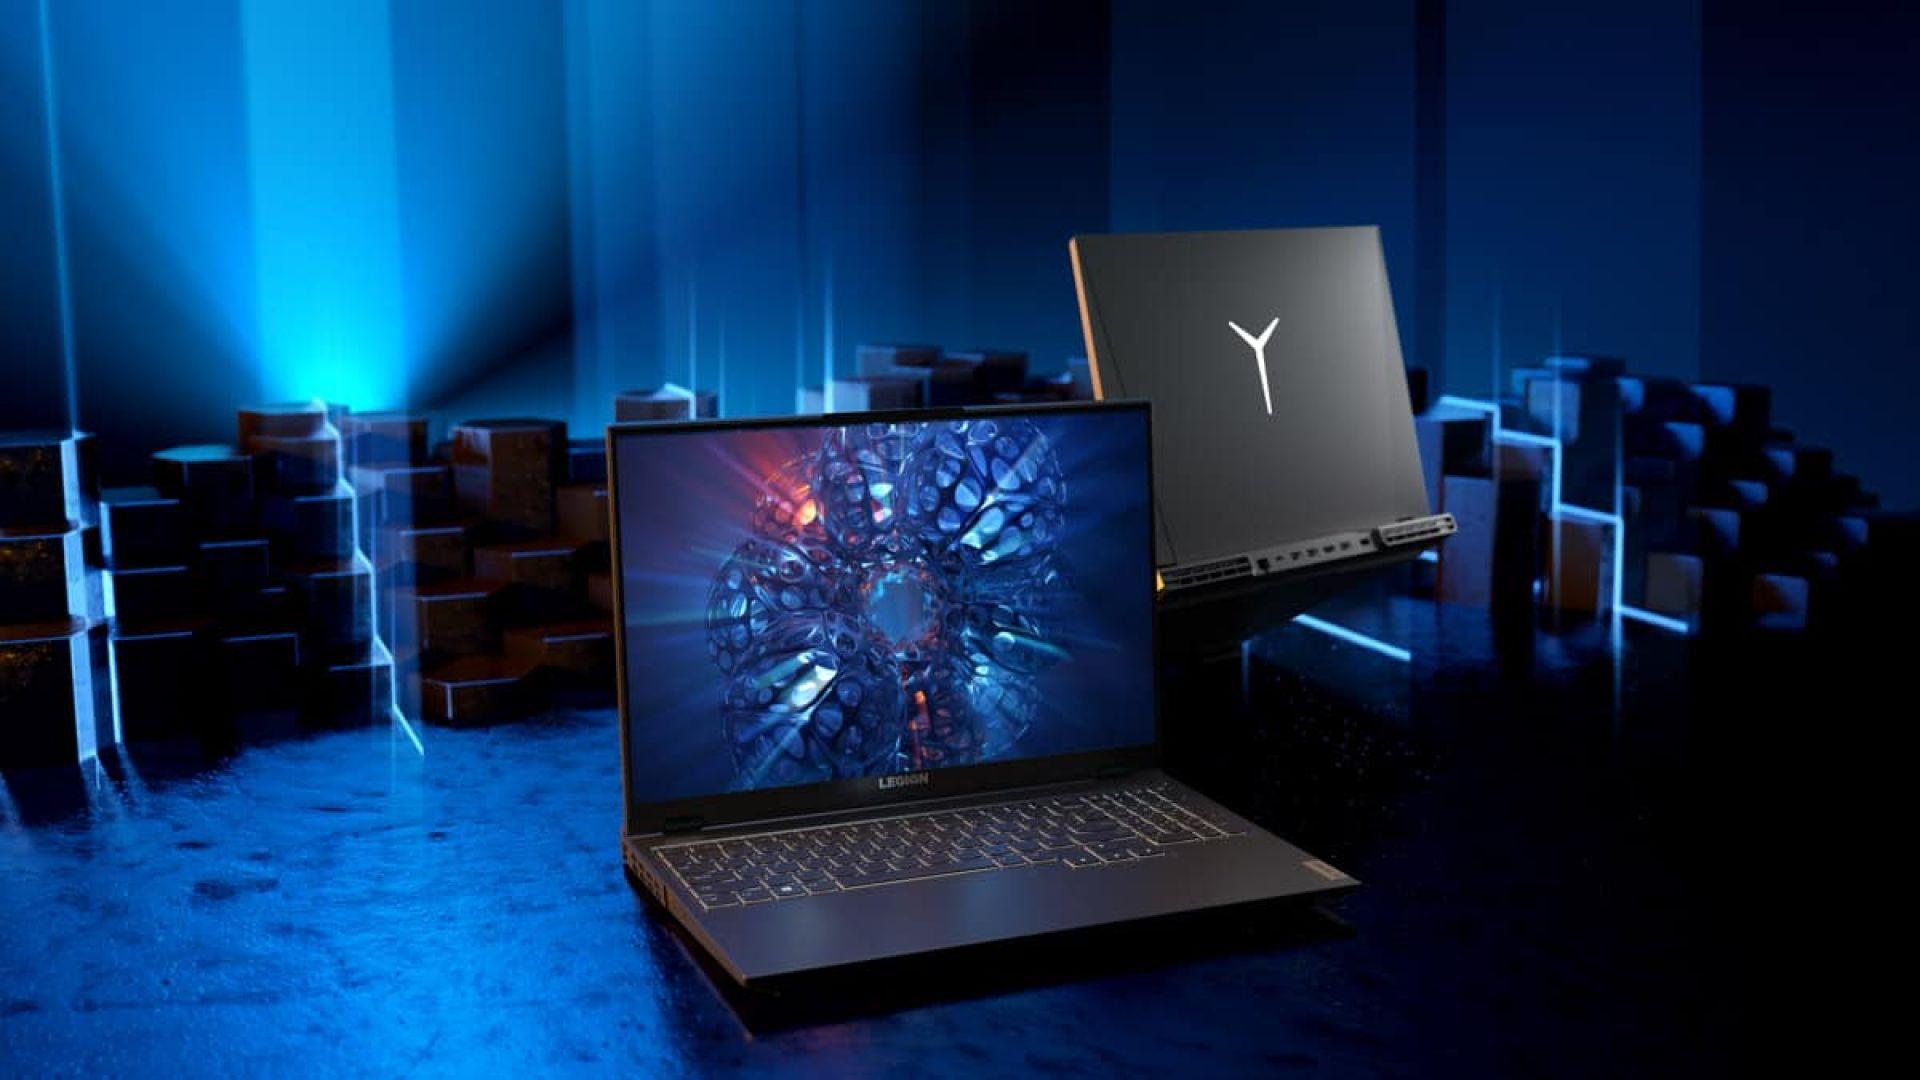 Кой е лаптопът, създаден за геймъри и професионалисти?